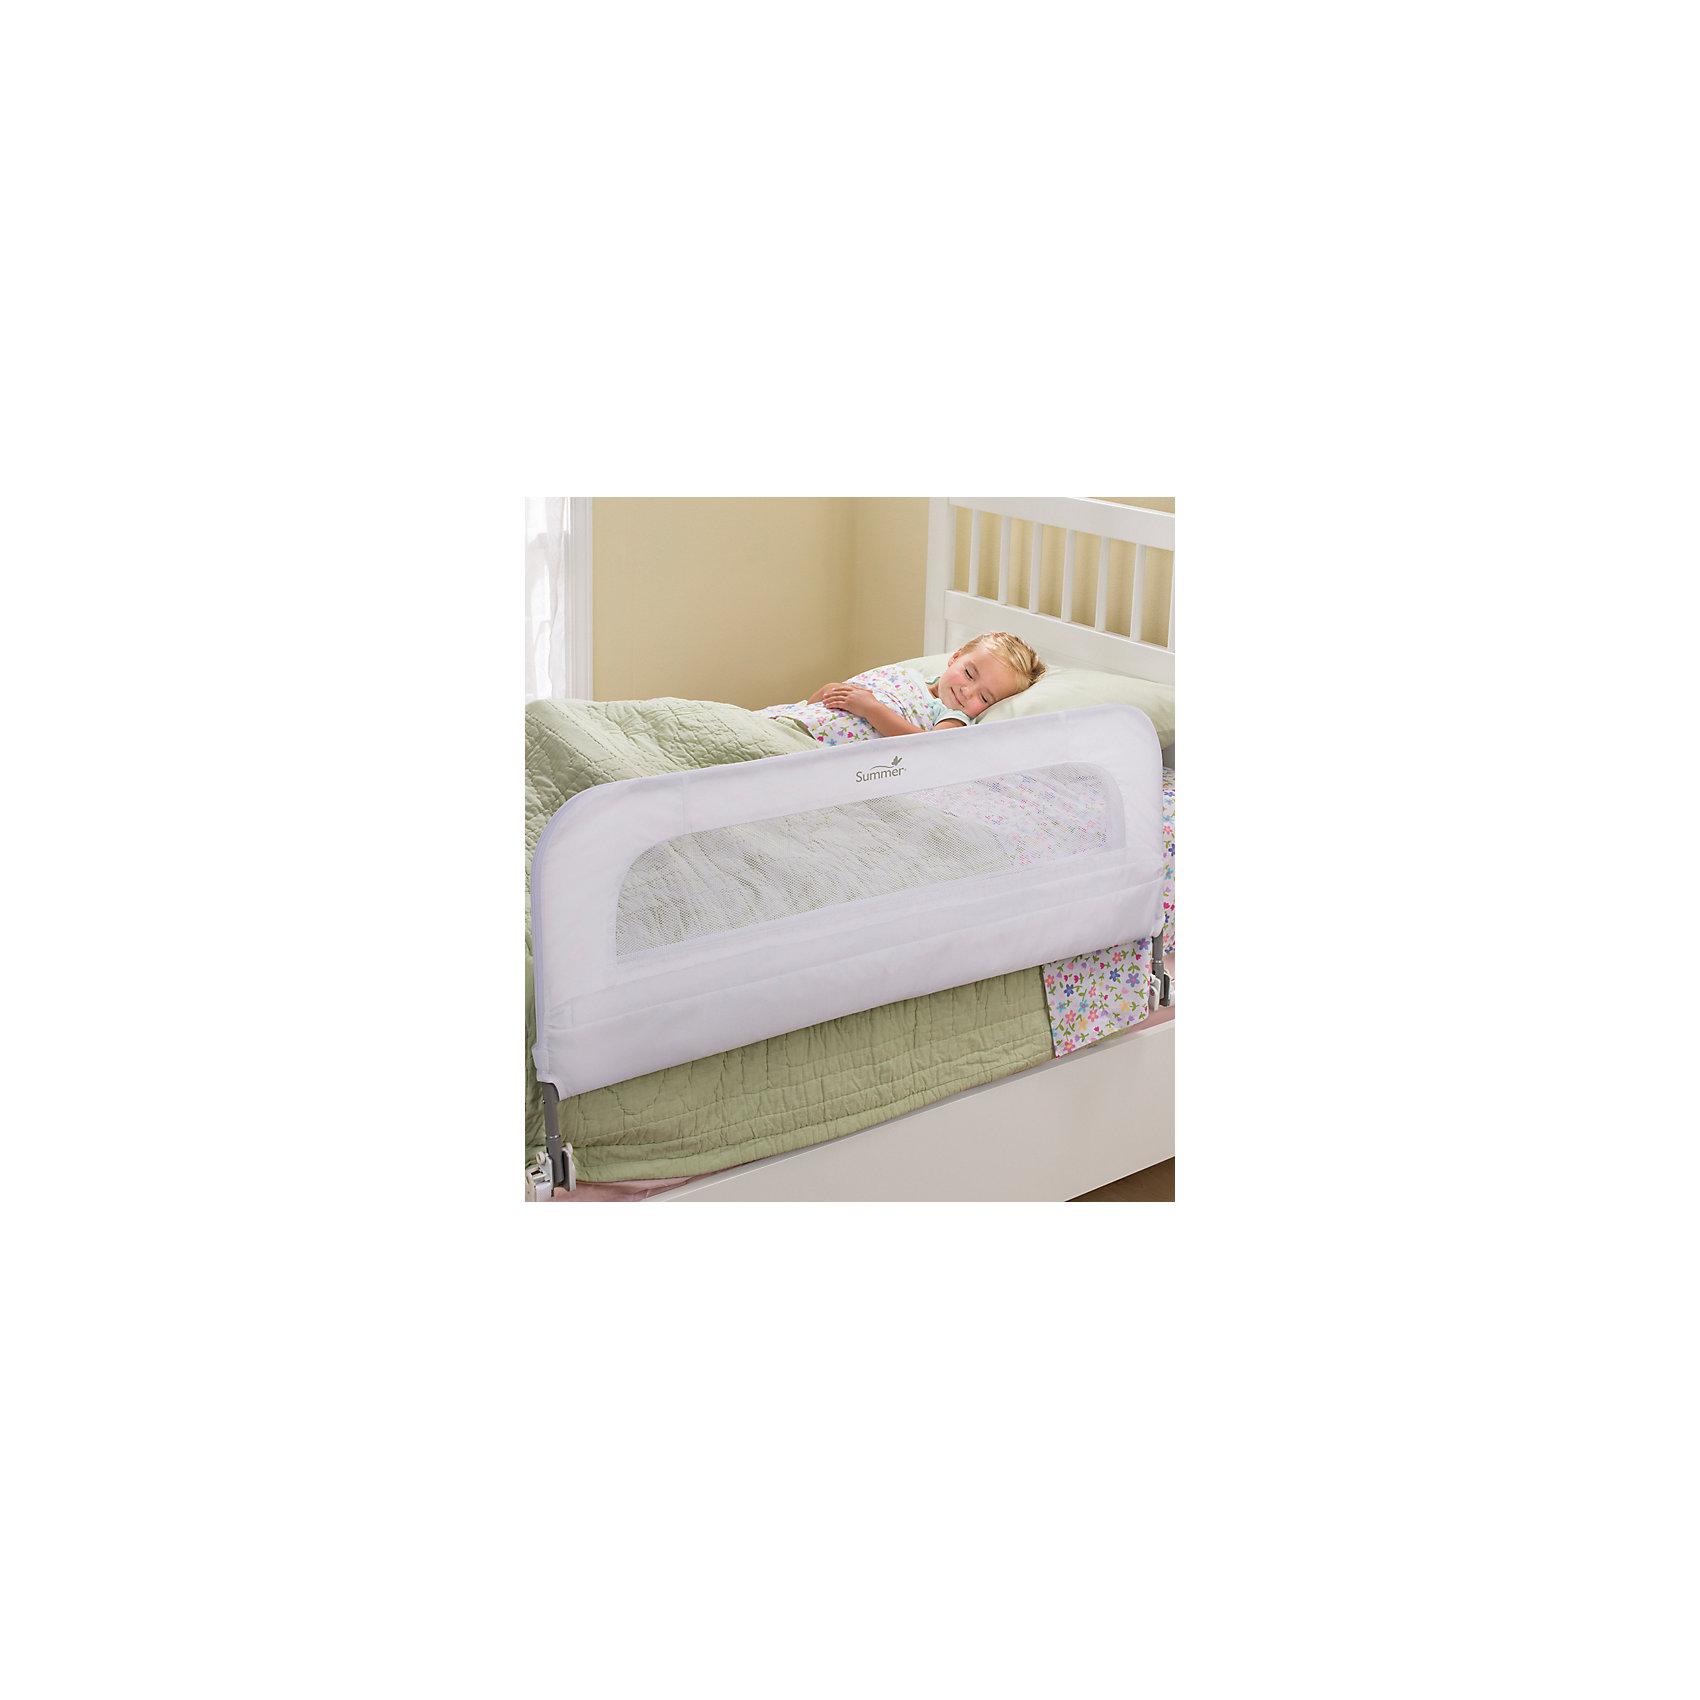 Ограничитель для кровати, Summer Infant, белый